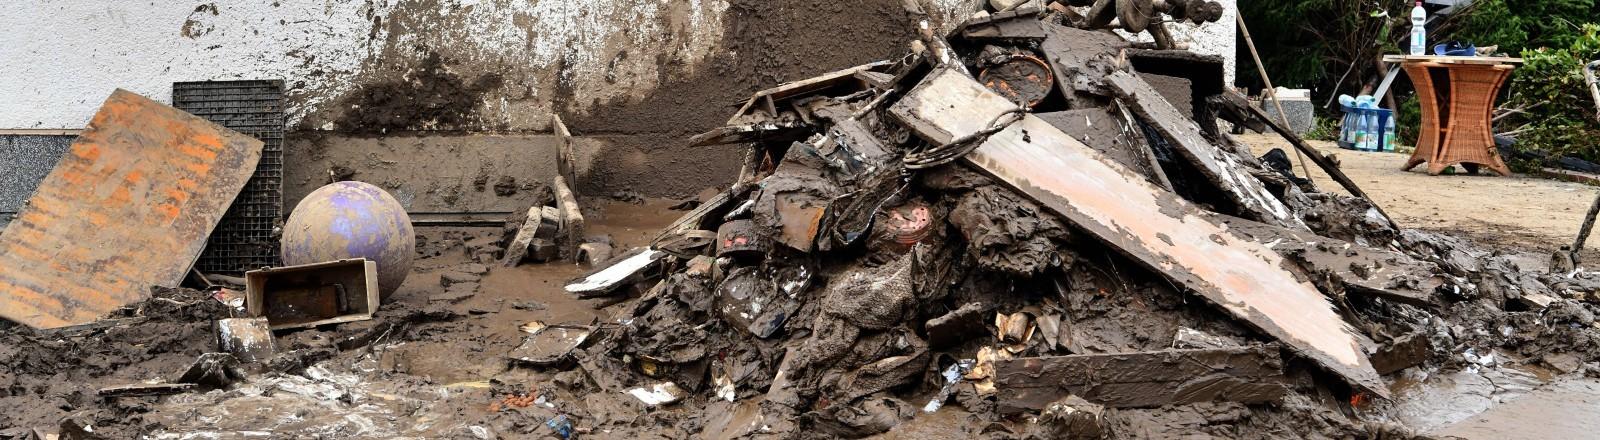 Ein Haus, vor dem sich Schlamm und Müll stapelt